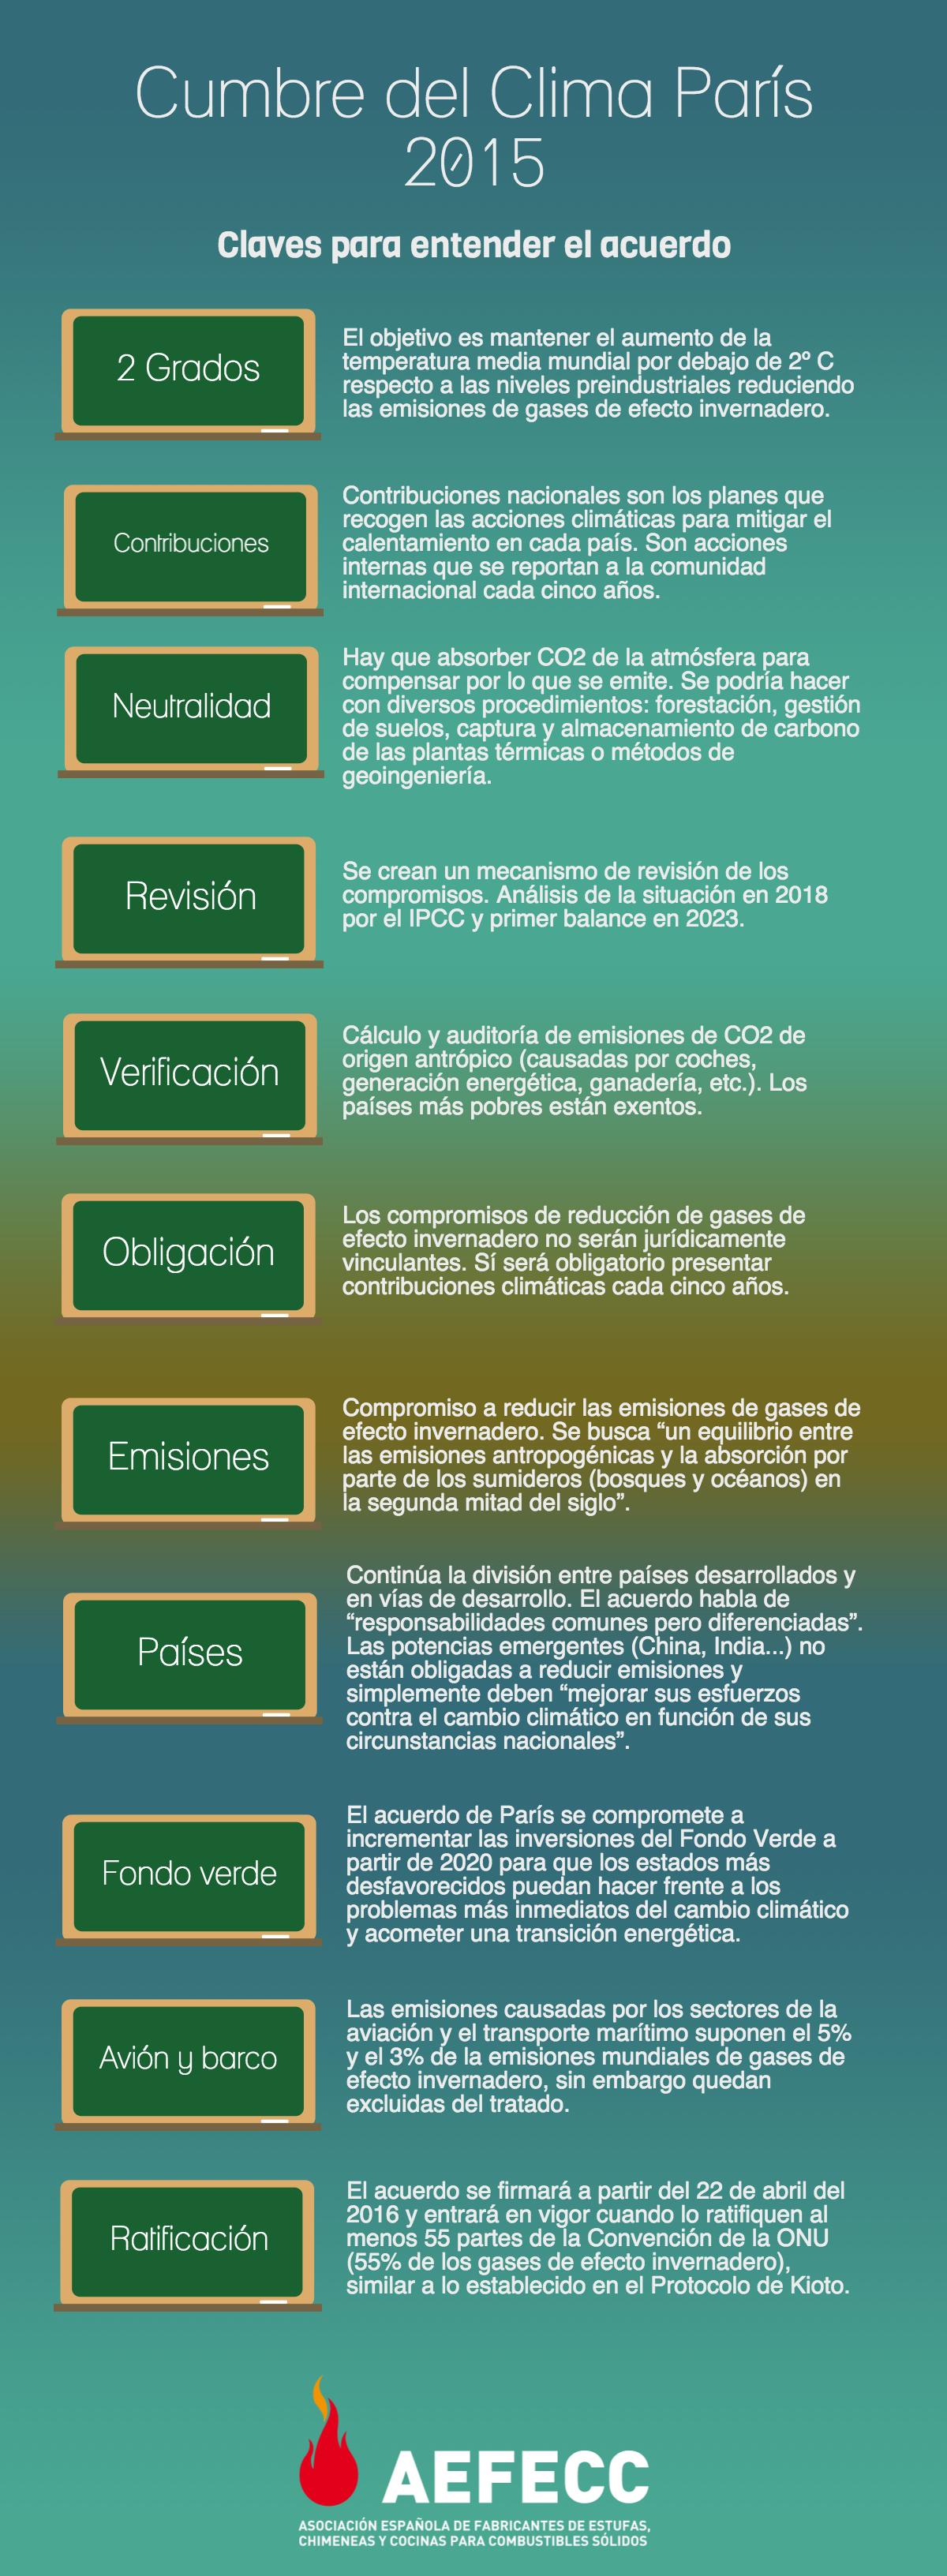 CumbreClima